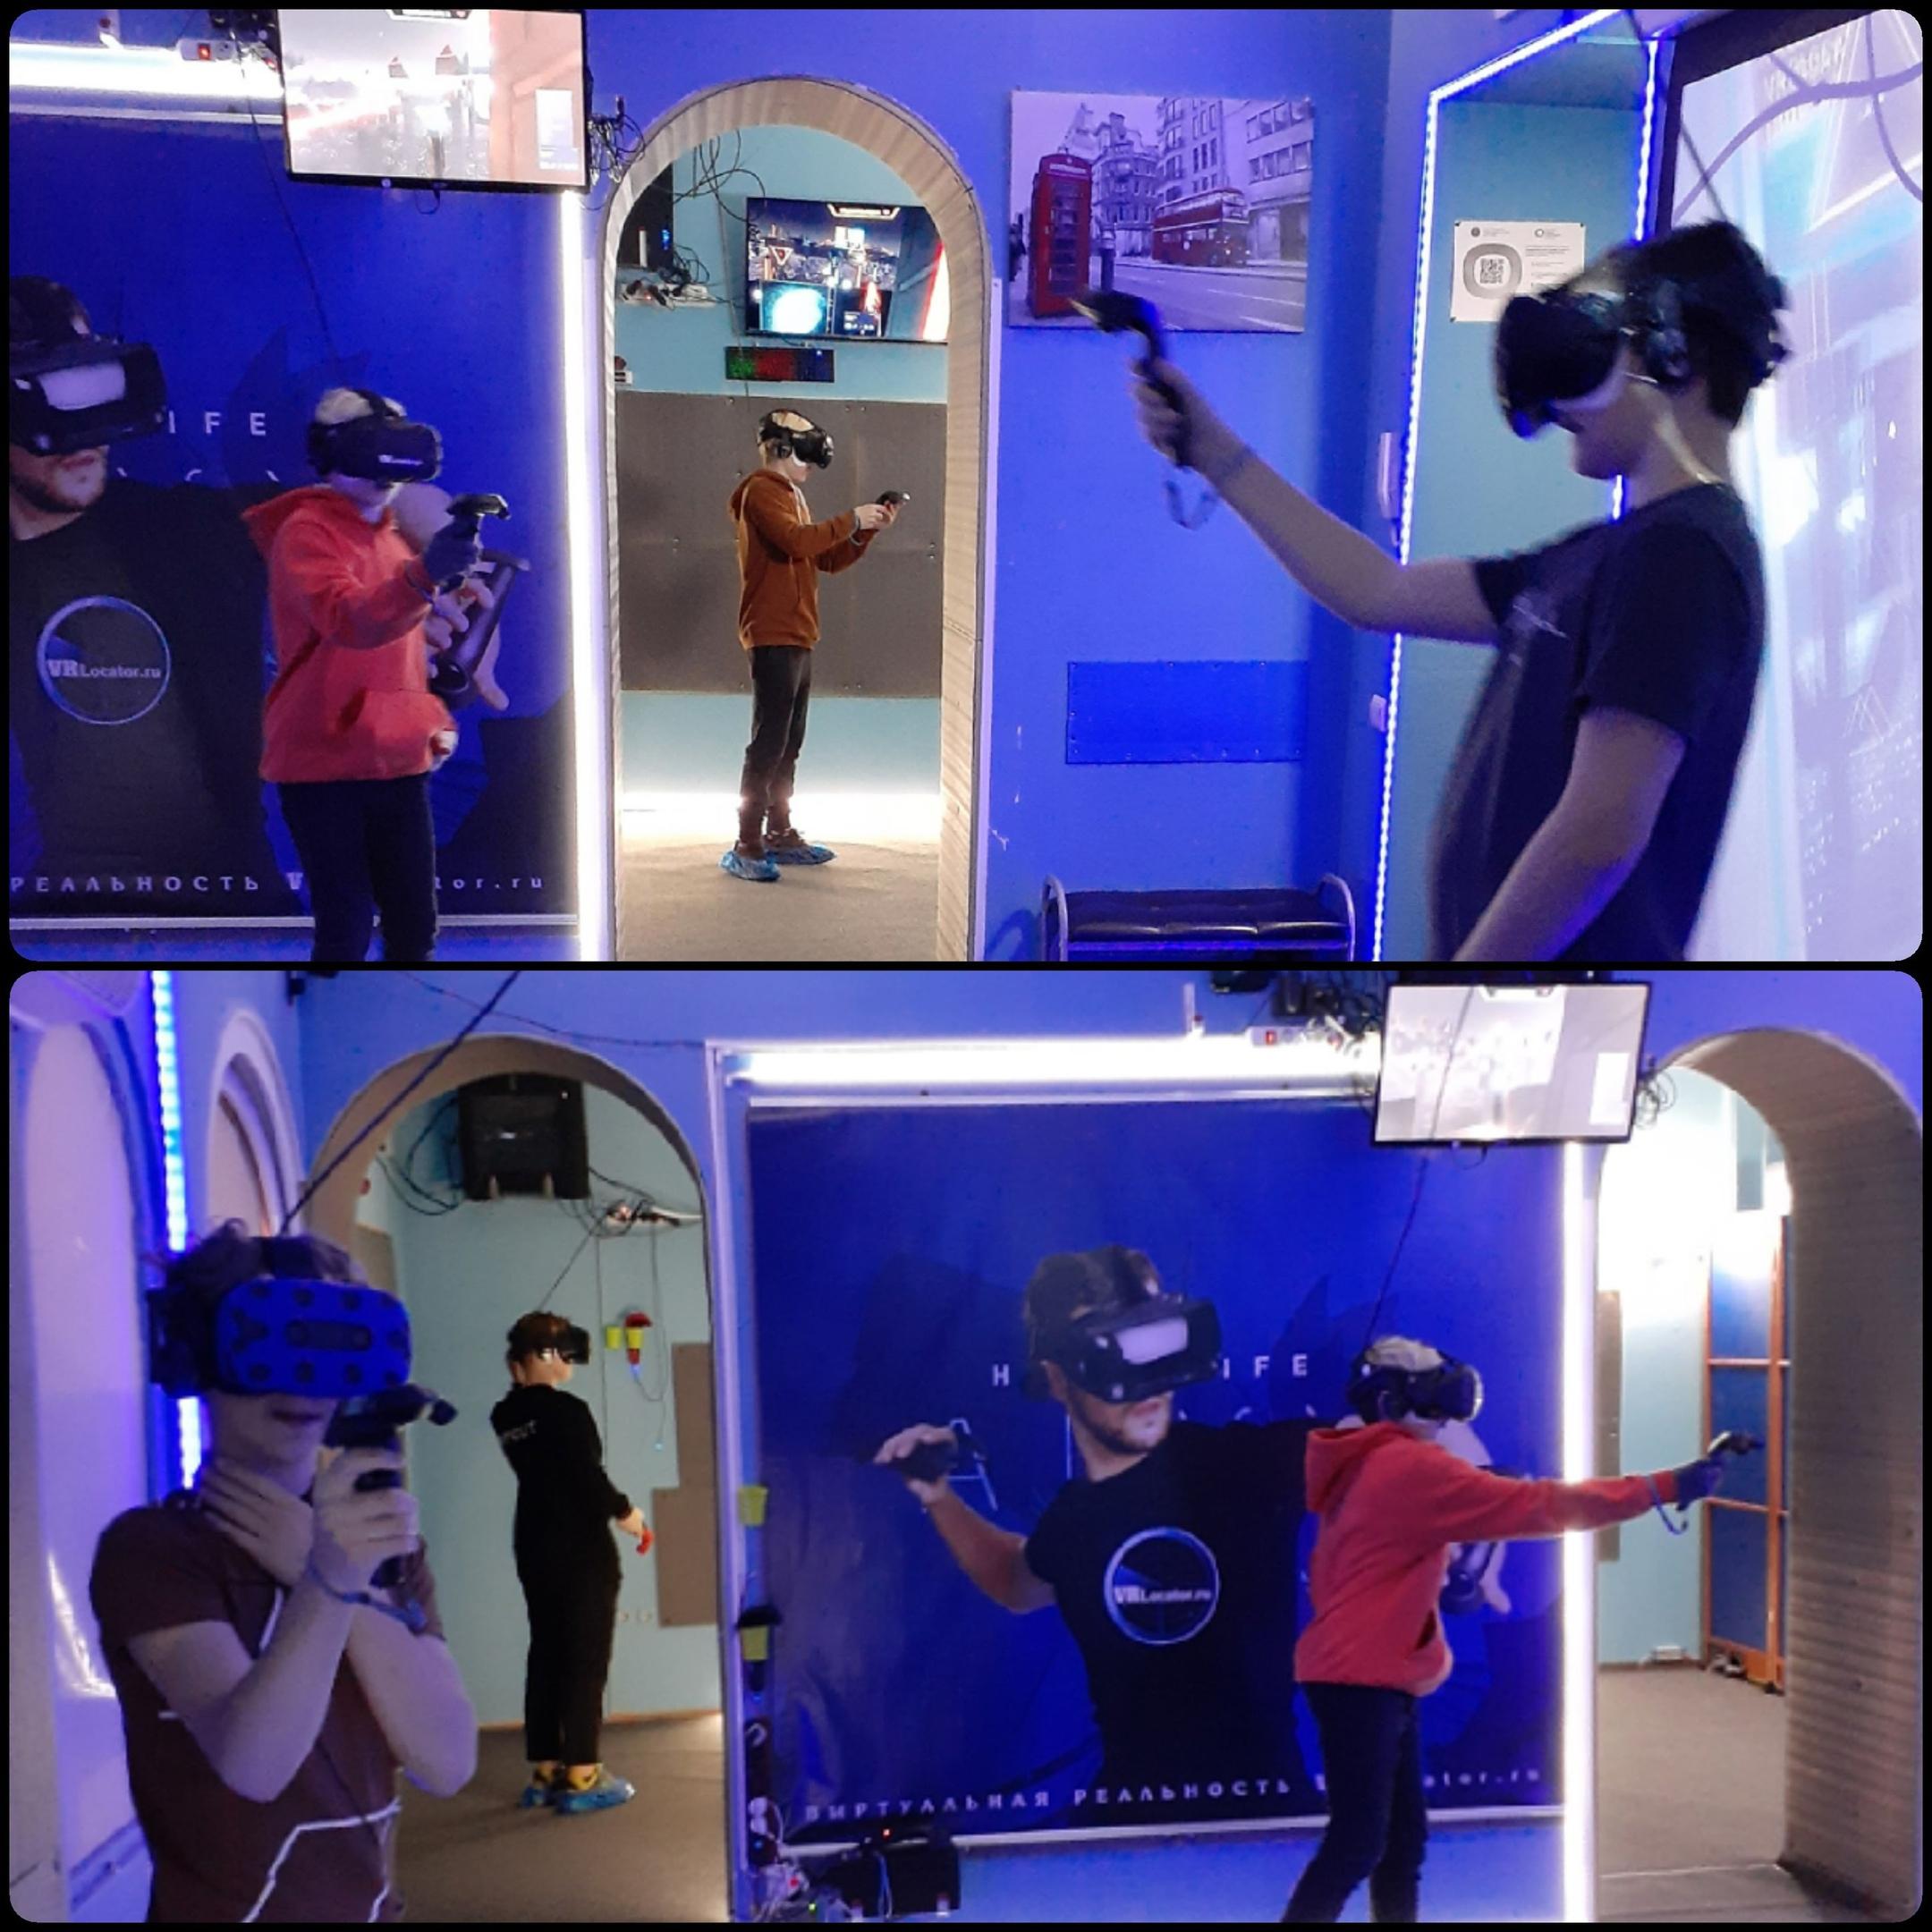 виртуальная реальность в клубе VRLocator спб